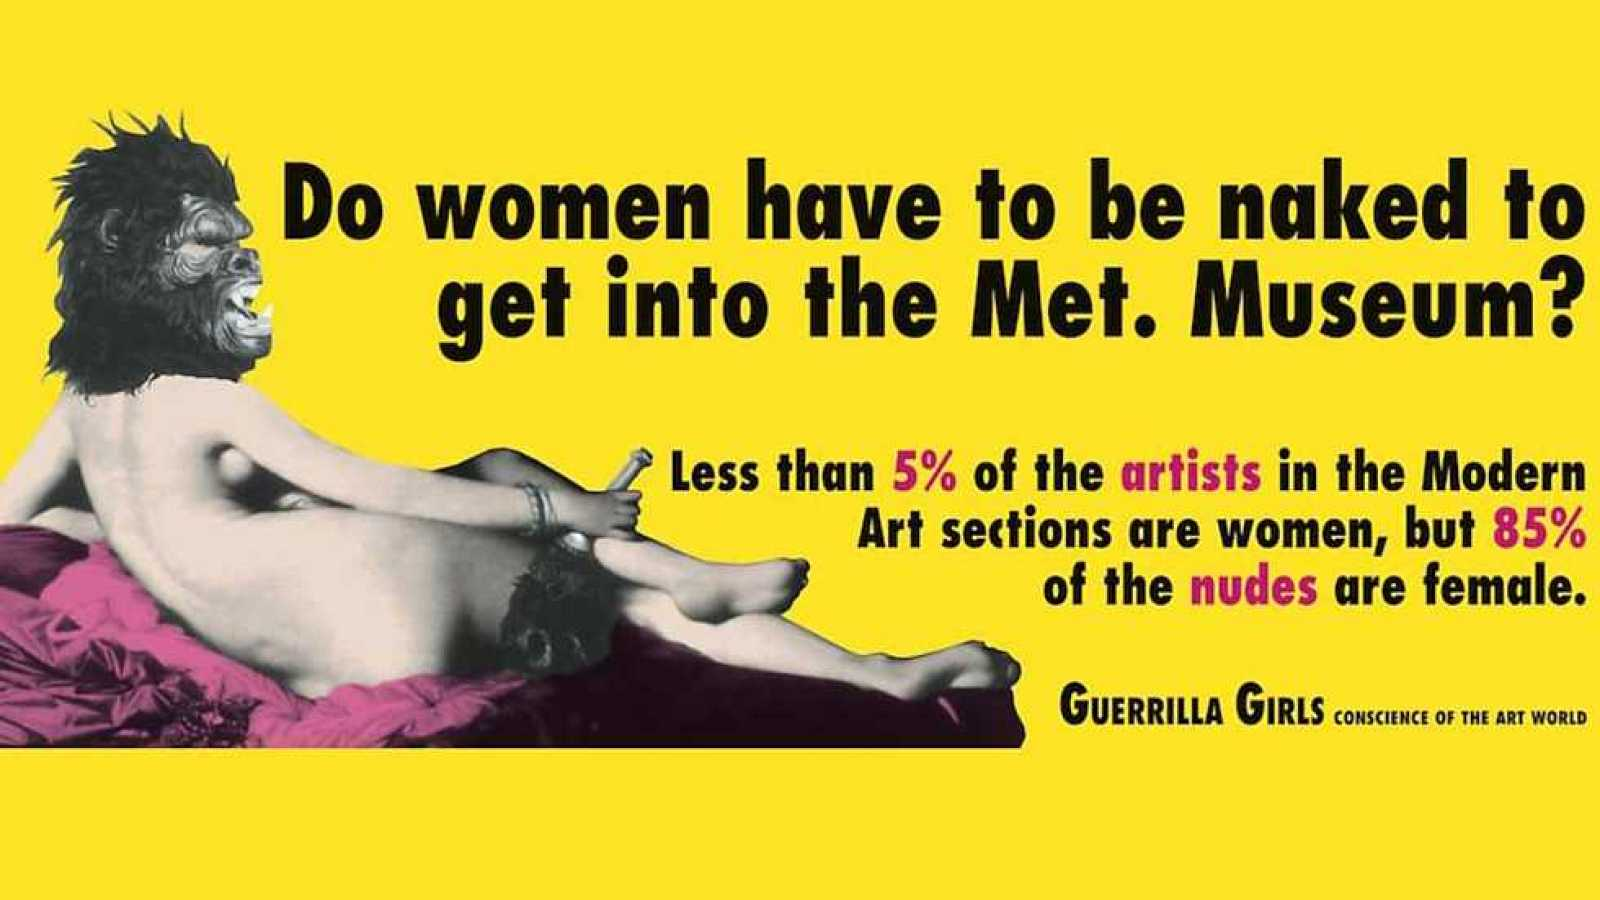 Metrópolis - Guerrilla Girls - ver ahora